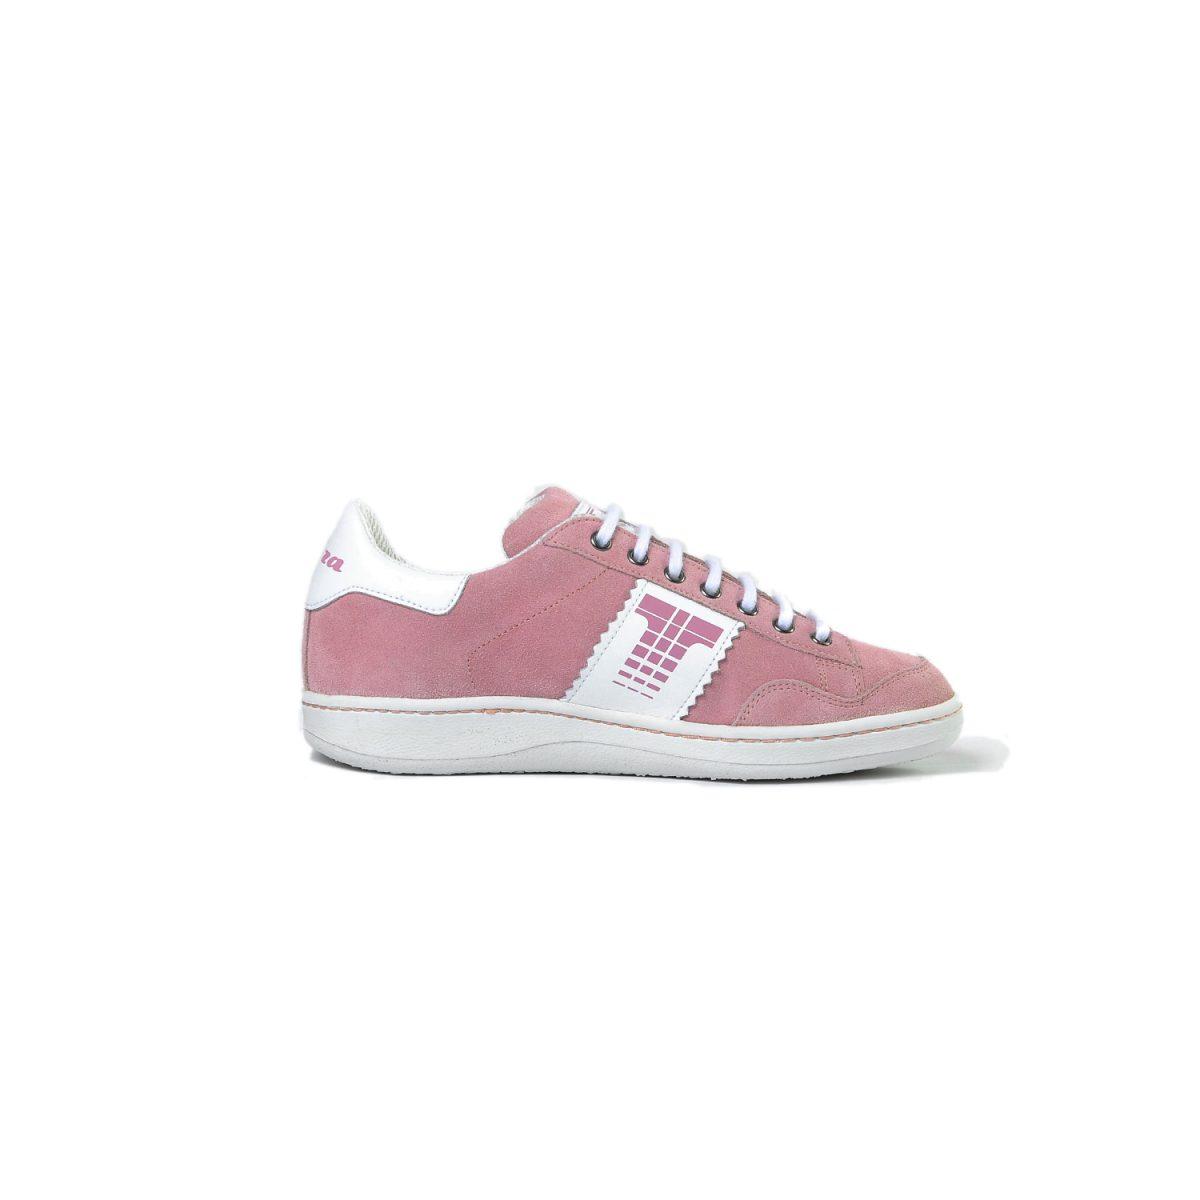 Tisza cipő - Derby - Púder-fehér